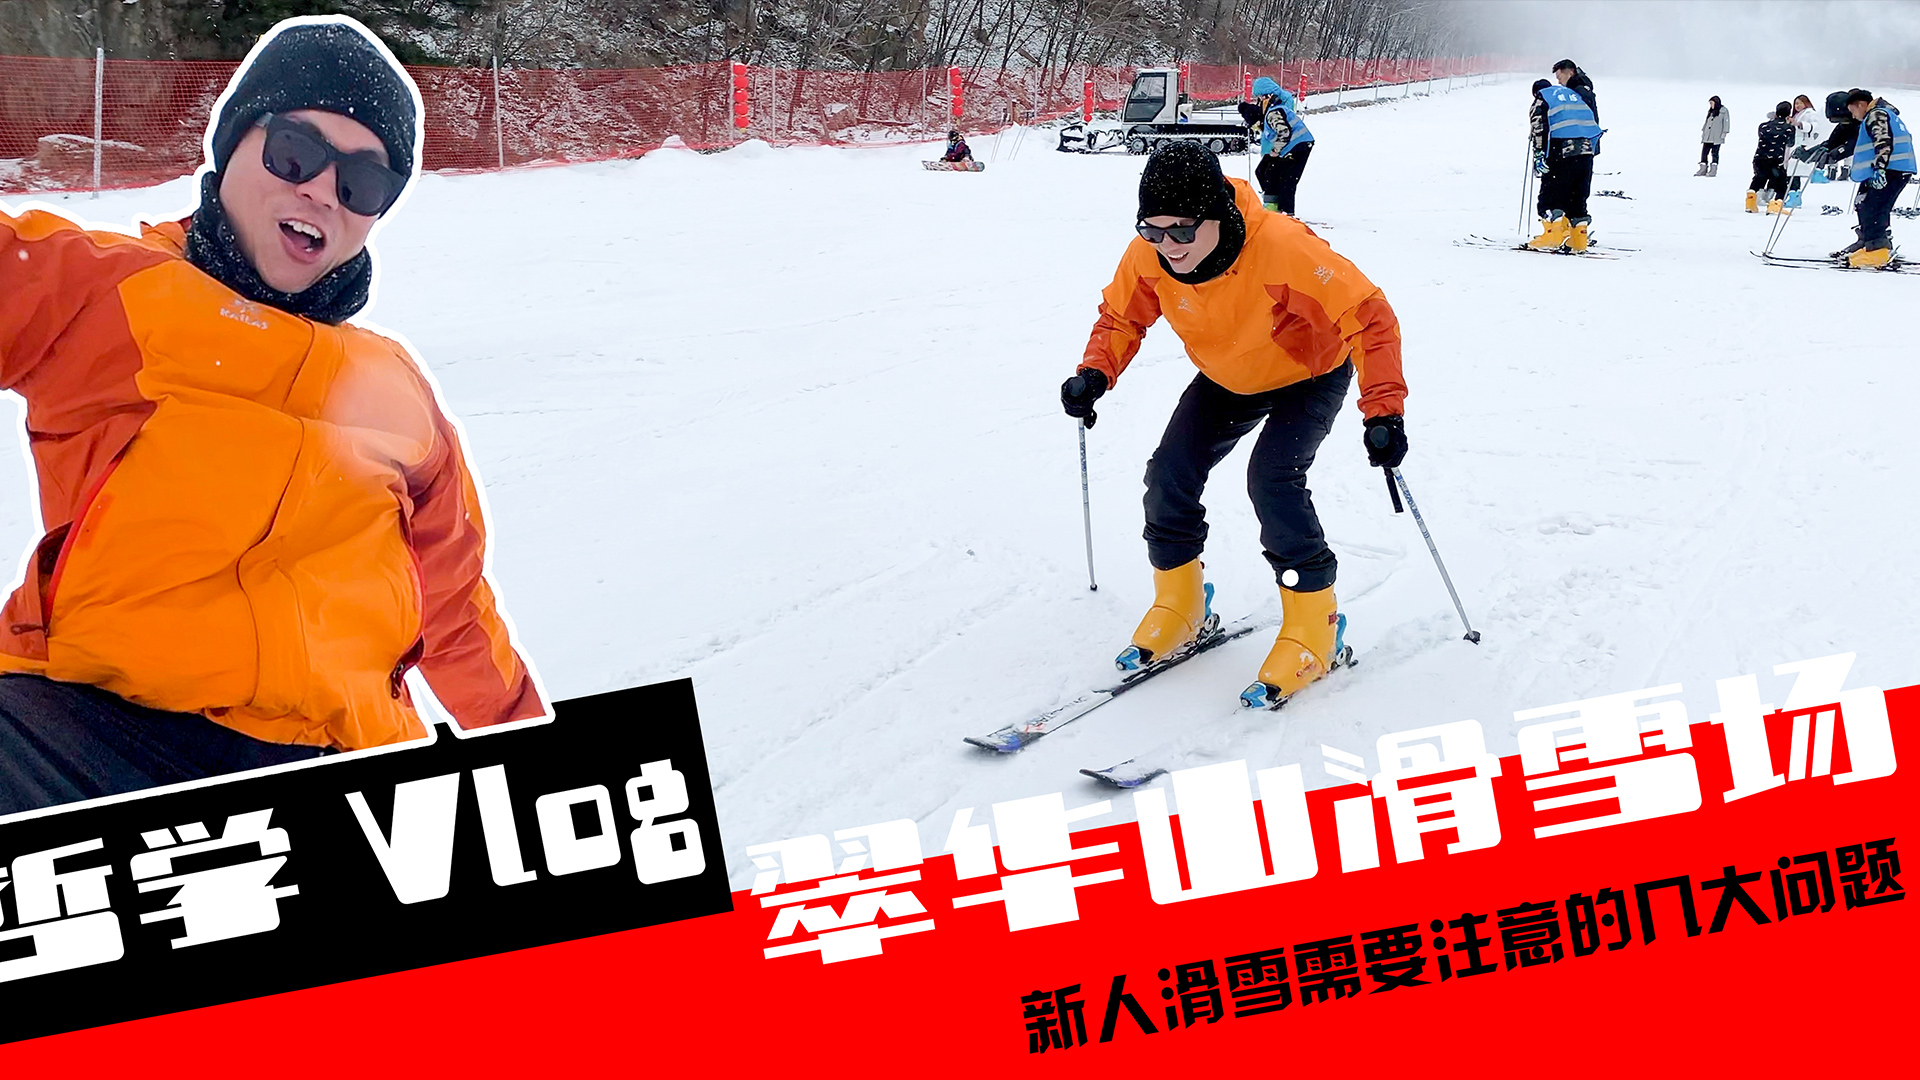 滑雪 Vlog,新人需要注意的几个点